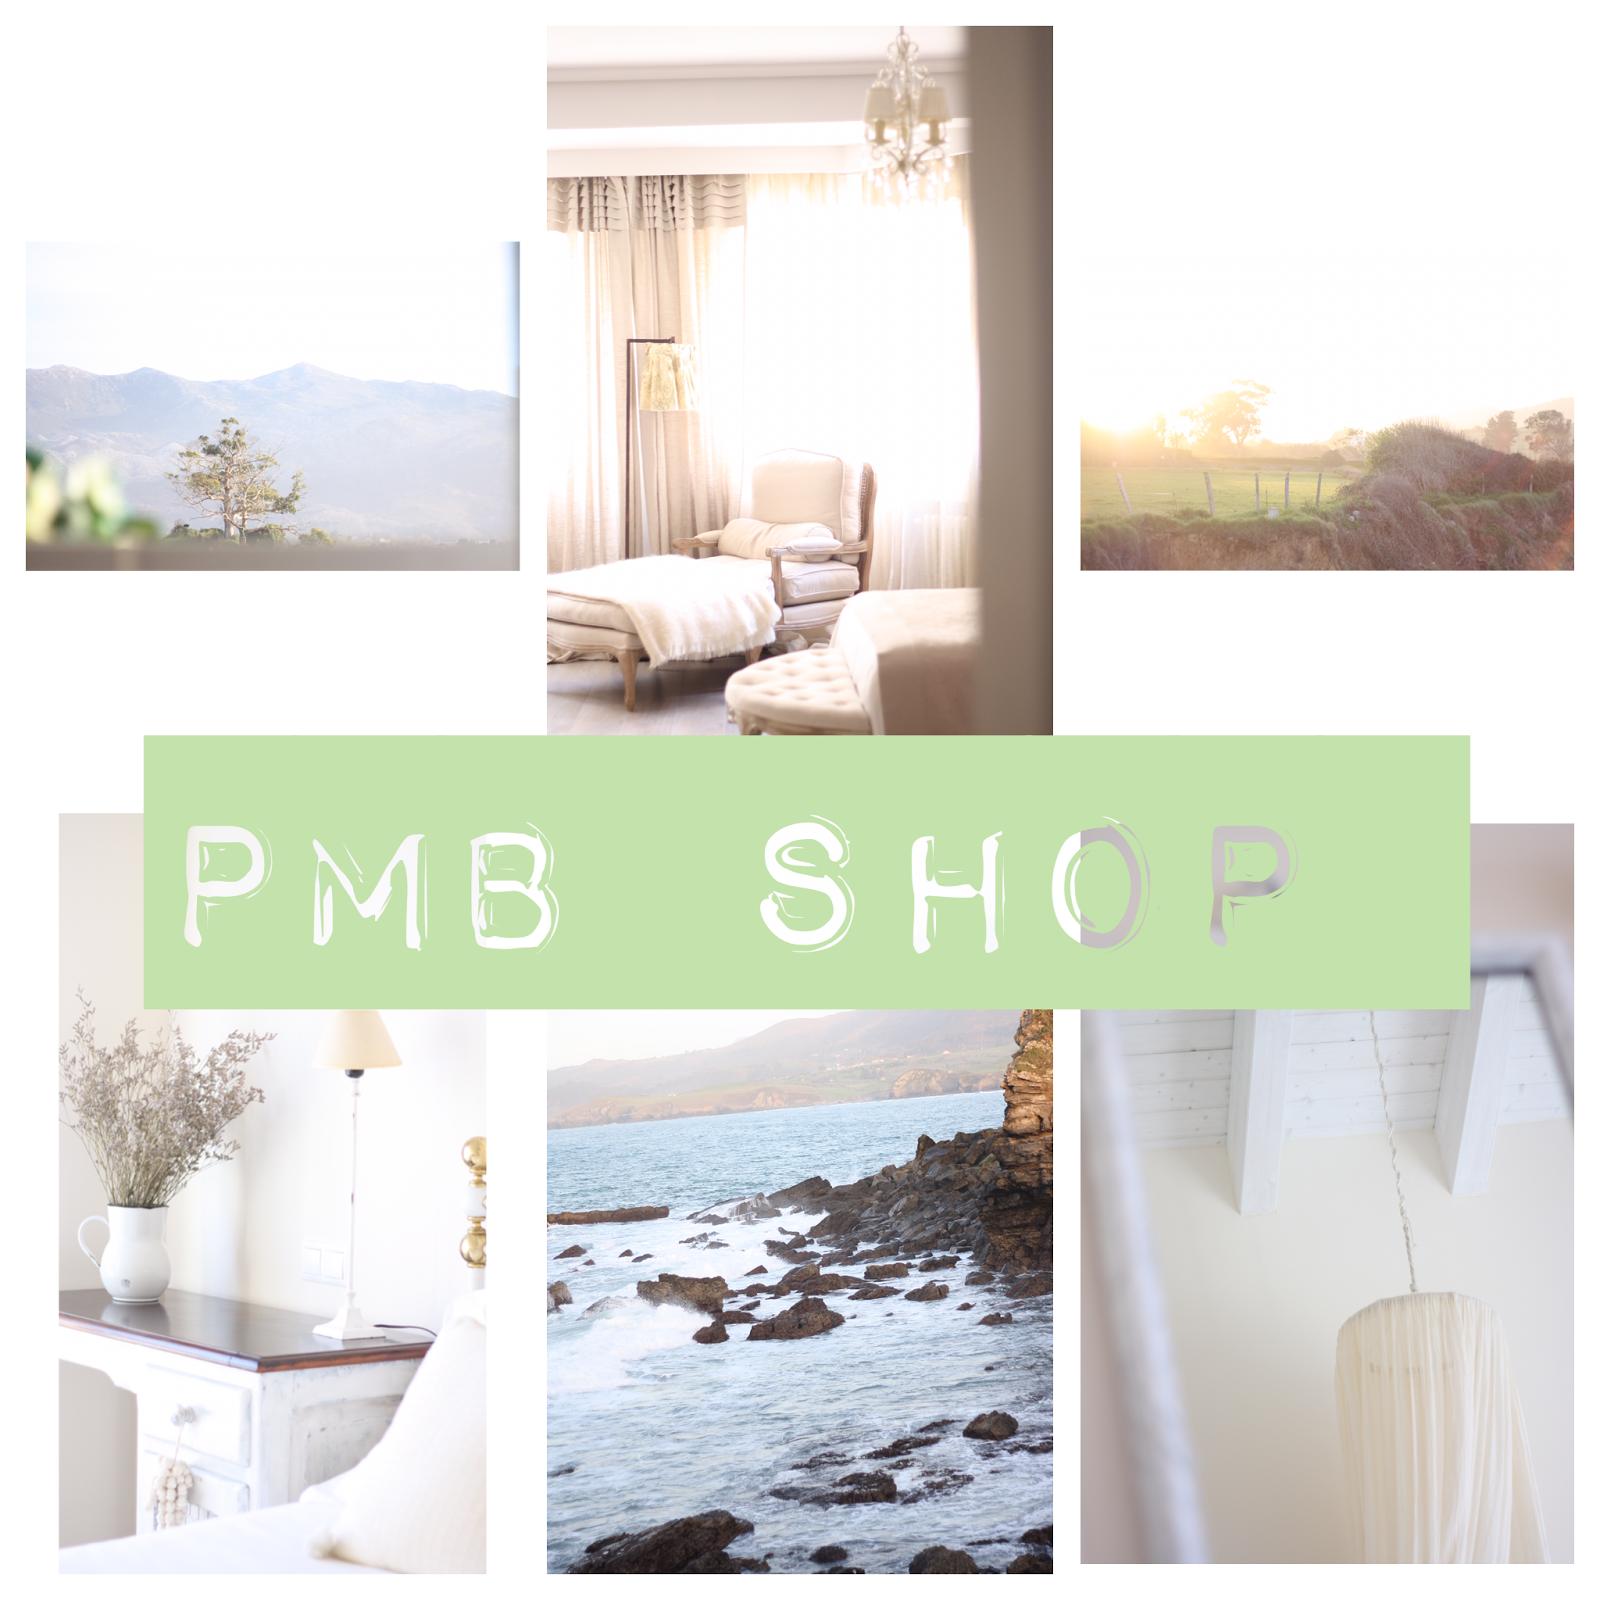 PmB Shop